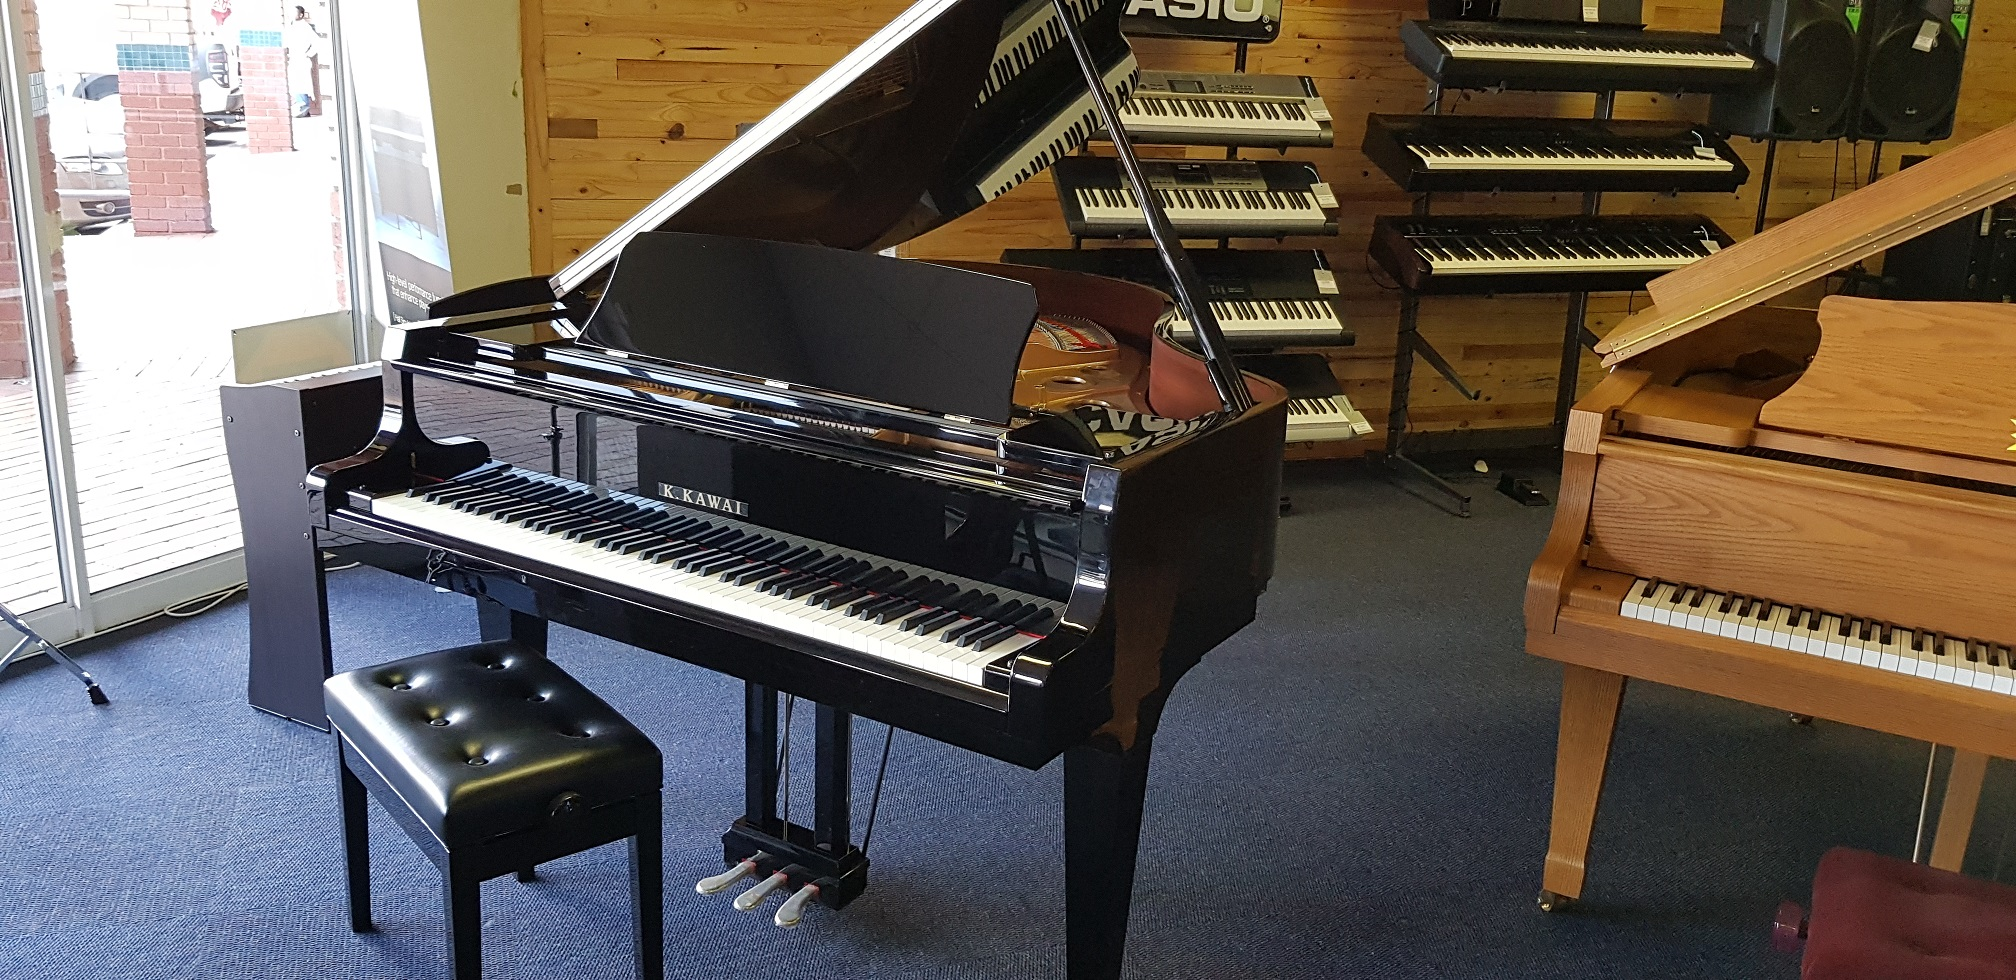 Grand Piano - K Kawai GL40  NEW! | Junk Mail